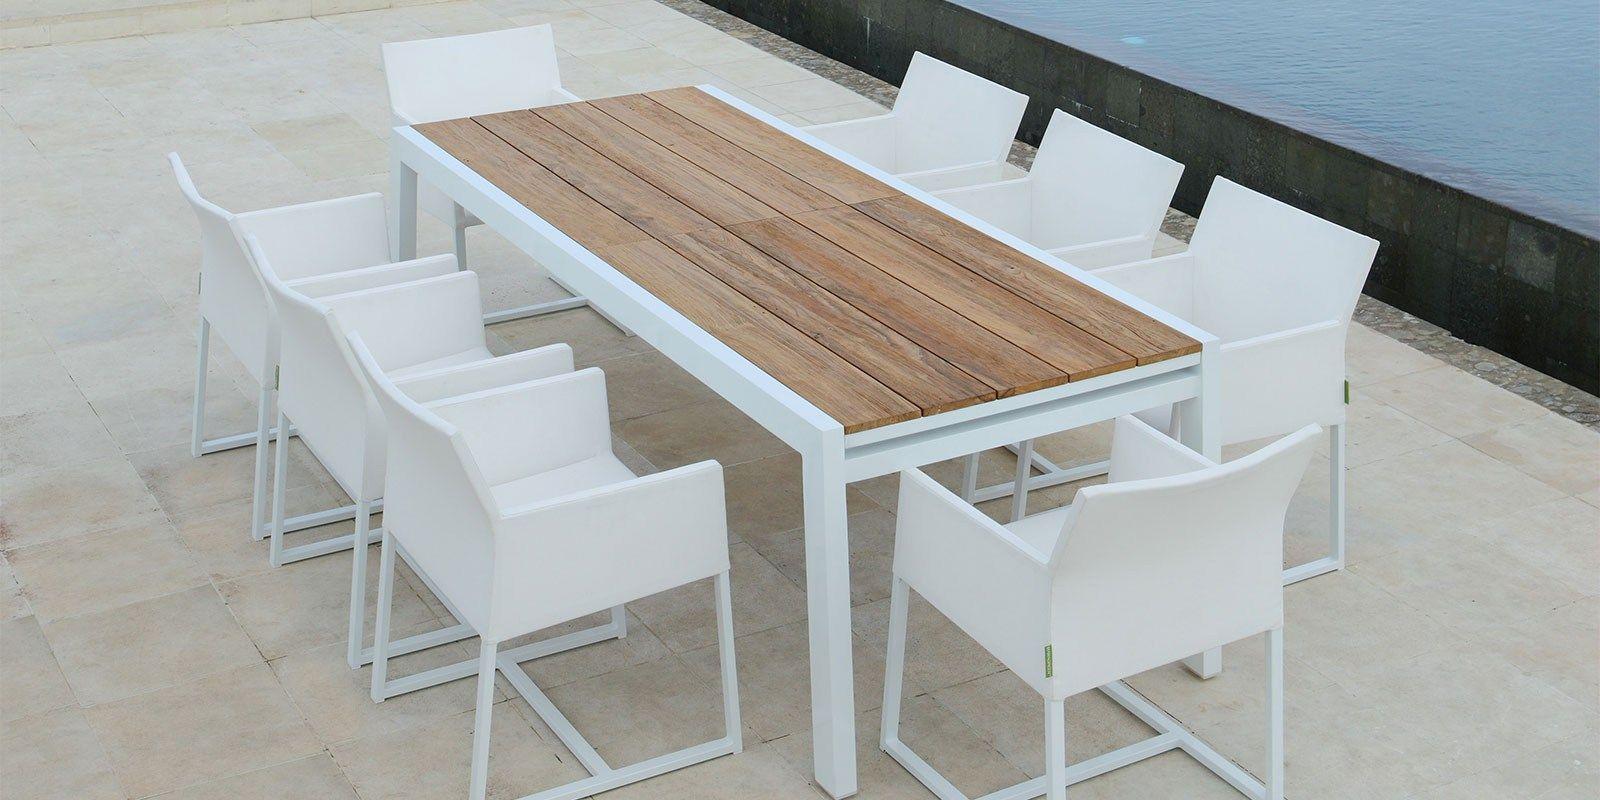 Tavolo allungabile da giardino in alluminio e legno baia for Tavoli e ombrelloni da giardino